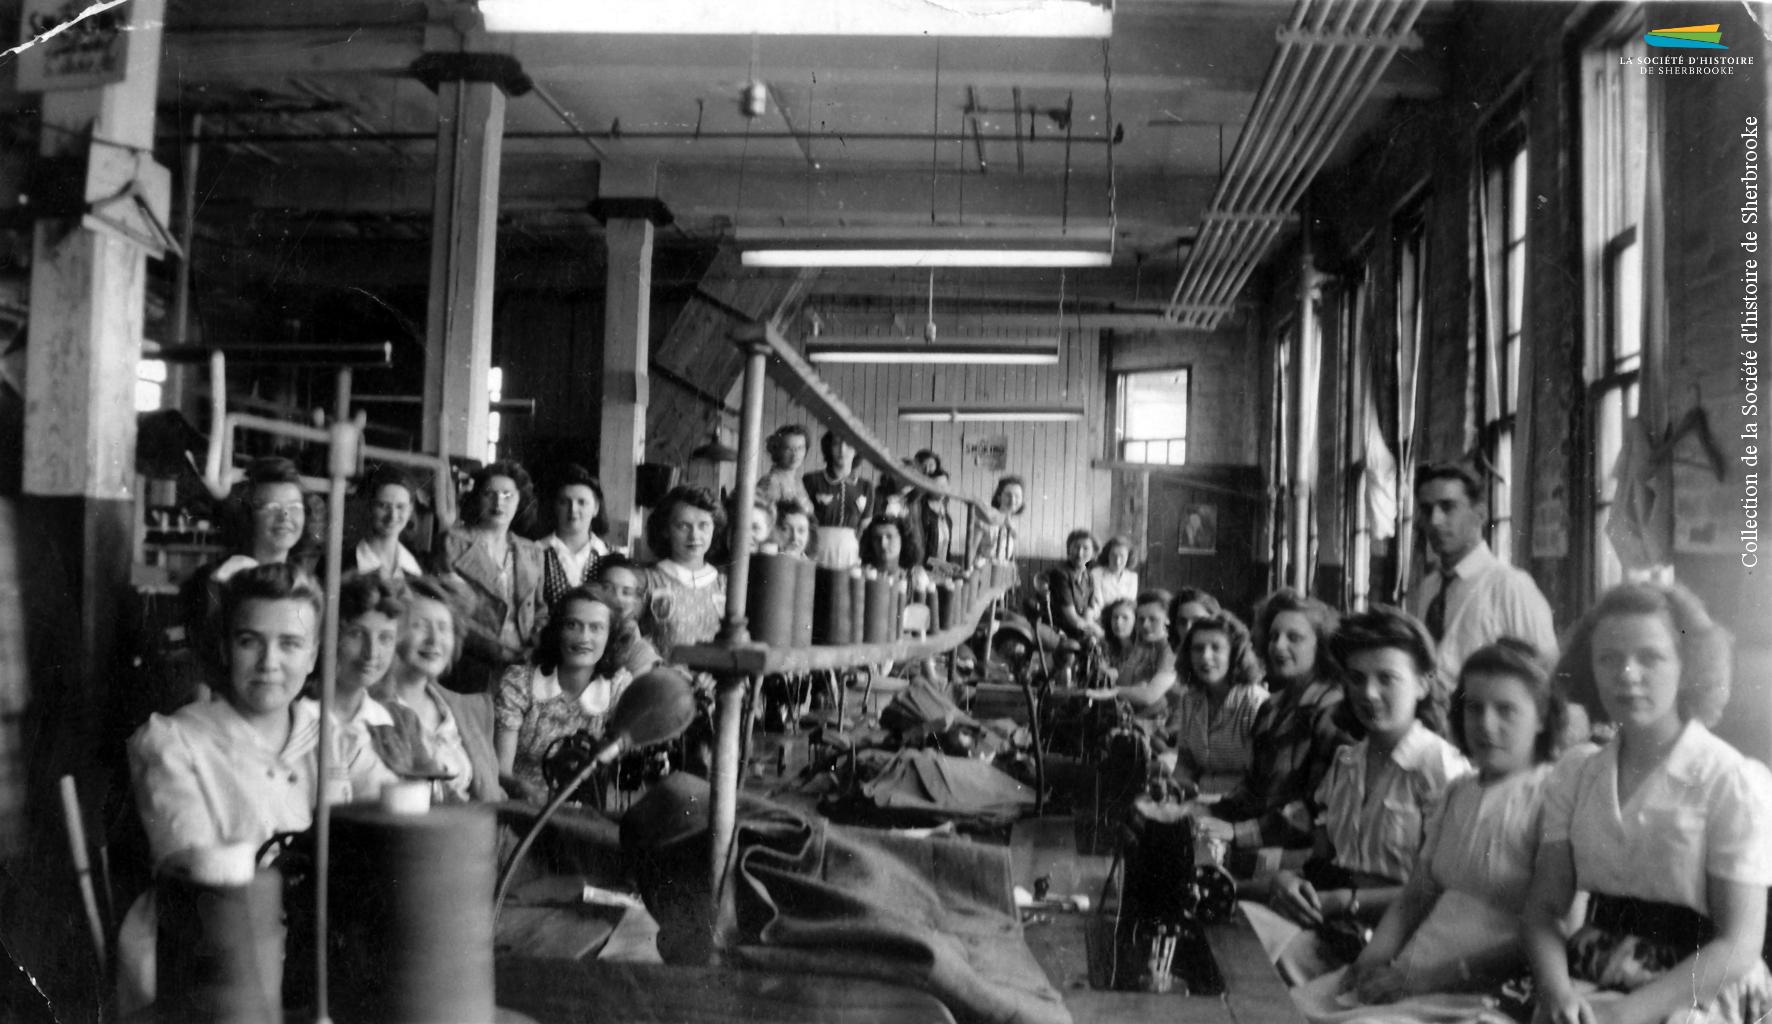 Une photographie prise à l'intérieur de la manufacture de vêtements S. Rubin Ltd, située dans le bâtiment de la Walter Blue situé au coin des rues King O et Grandes-Fourches, vers 1940. Cette entreprise n'emploie que des femmes, ou presque.